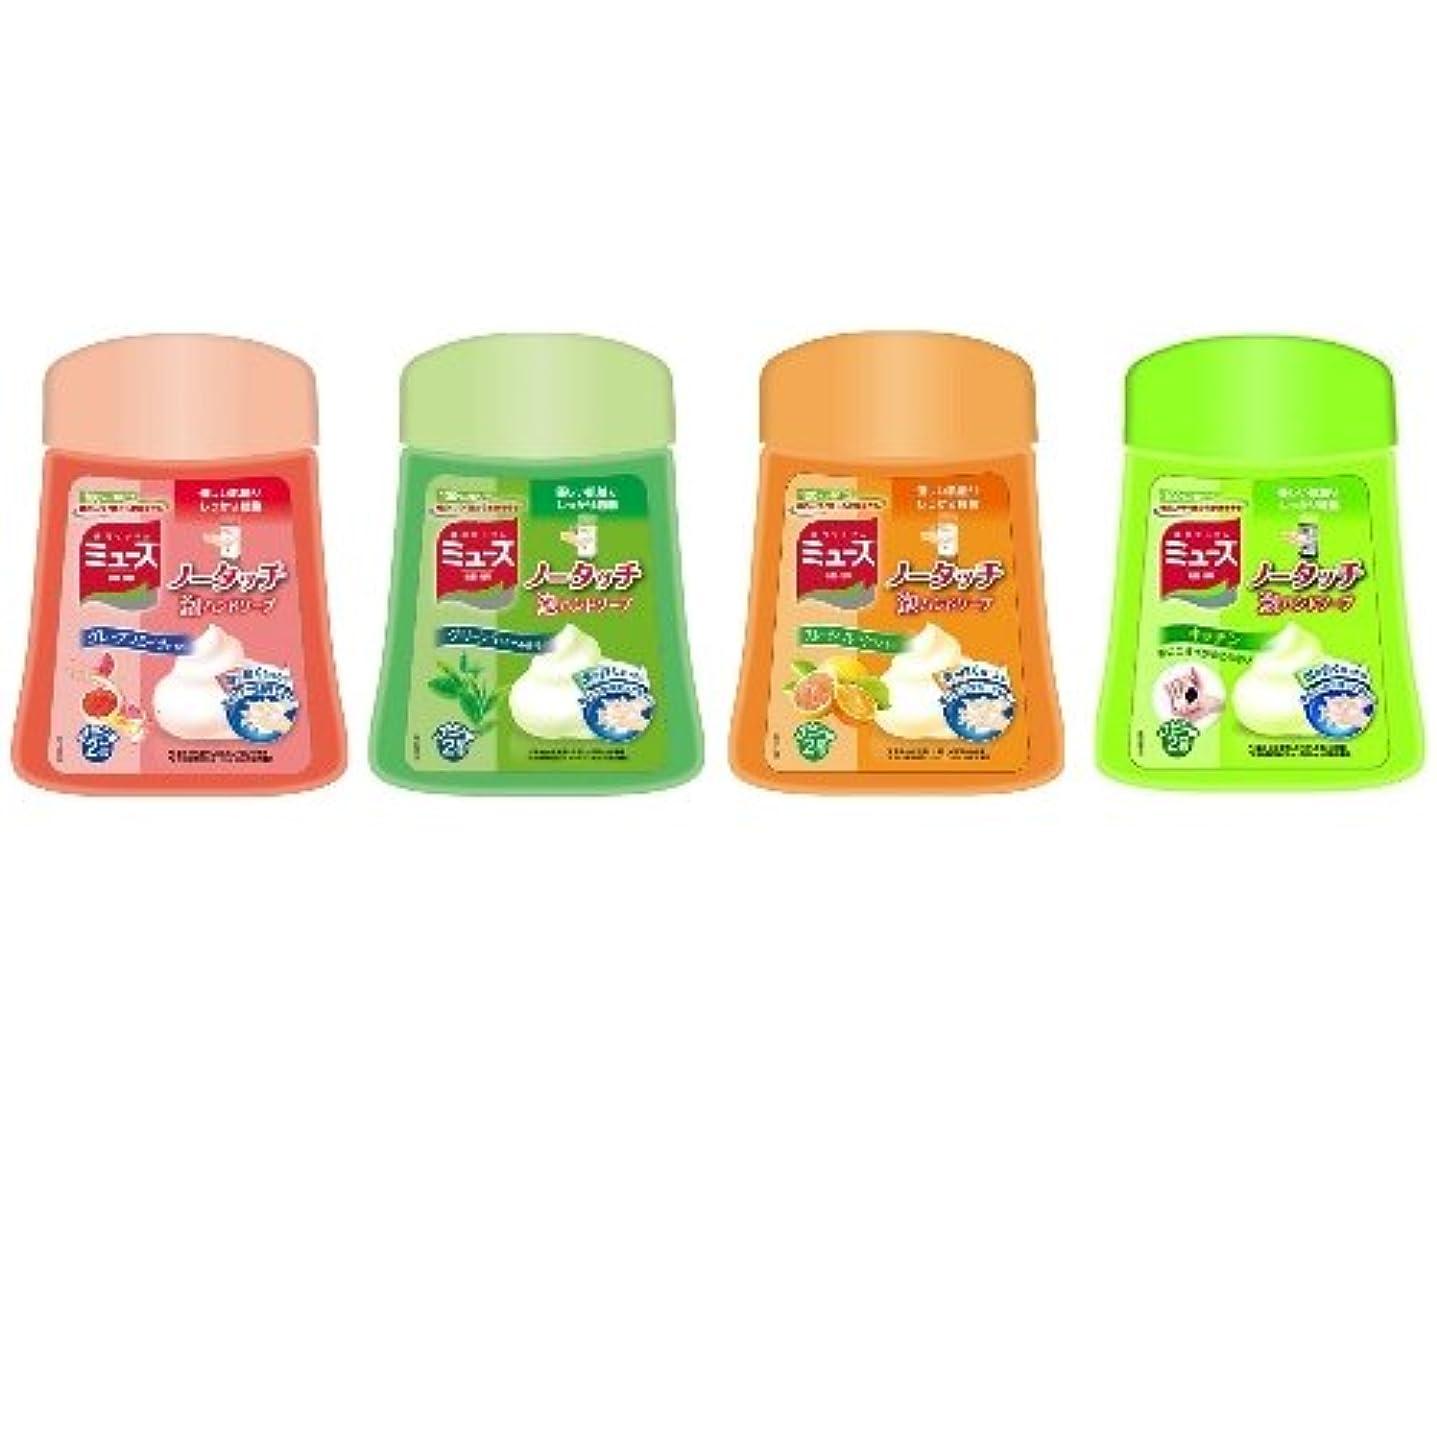 予算村流行ミューズ ノータッチ 泡ハンドソープ 詰替え 4種の色と香りボトル 250ml×4個 薬用ハンドソープ 手洗い 殺菌 消毒